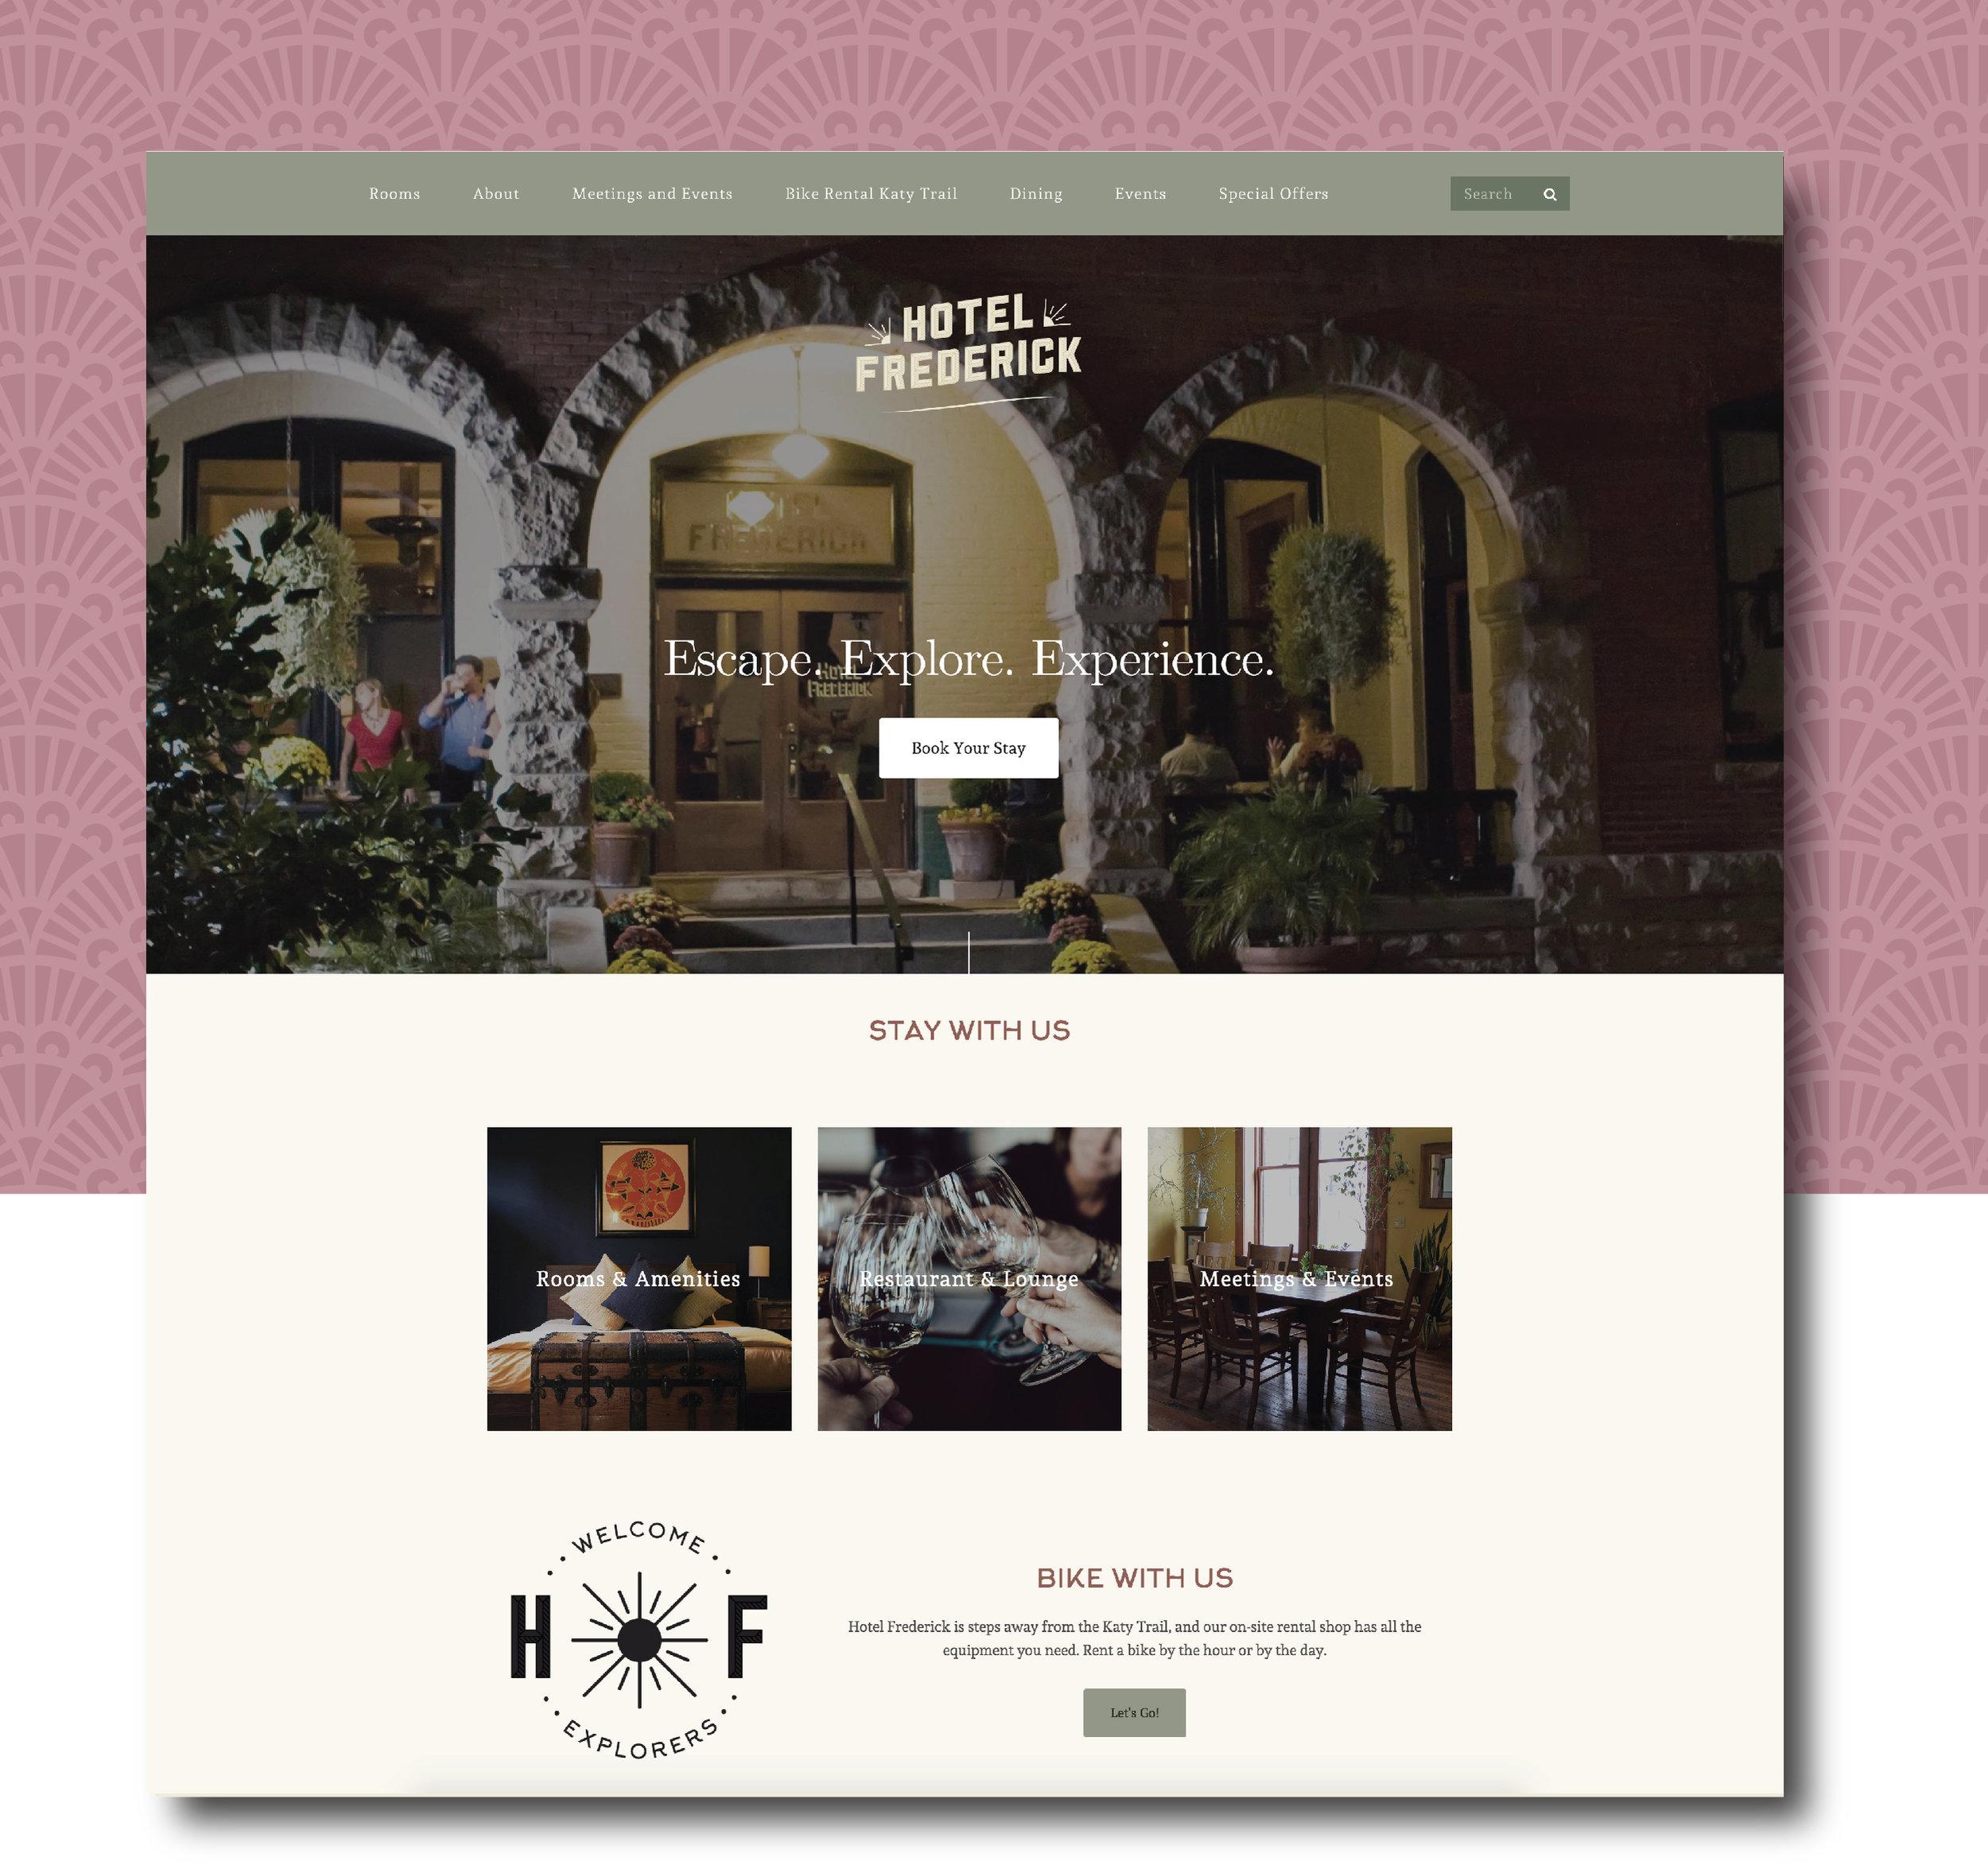 HotelFrederickCaseStudyBrandBoard-04.jpg